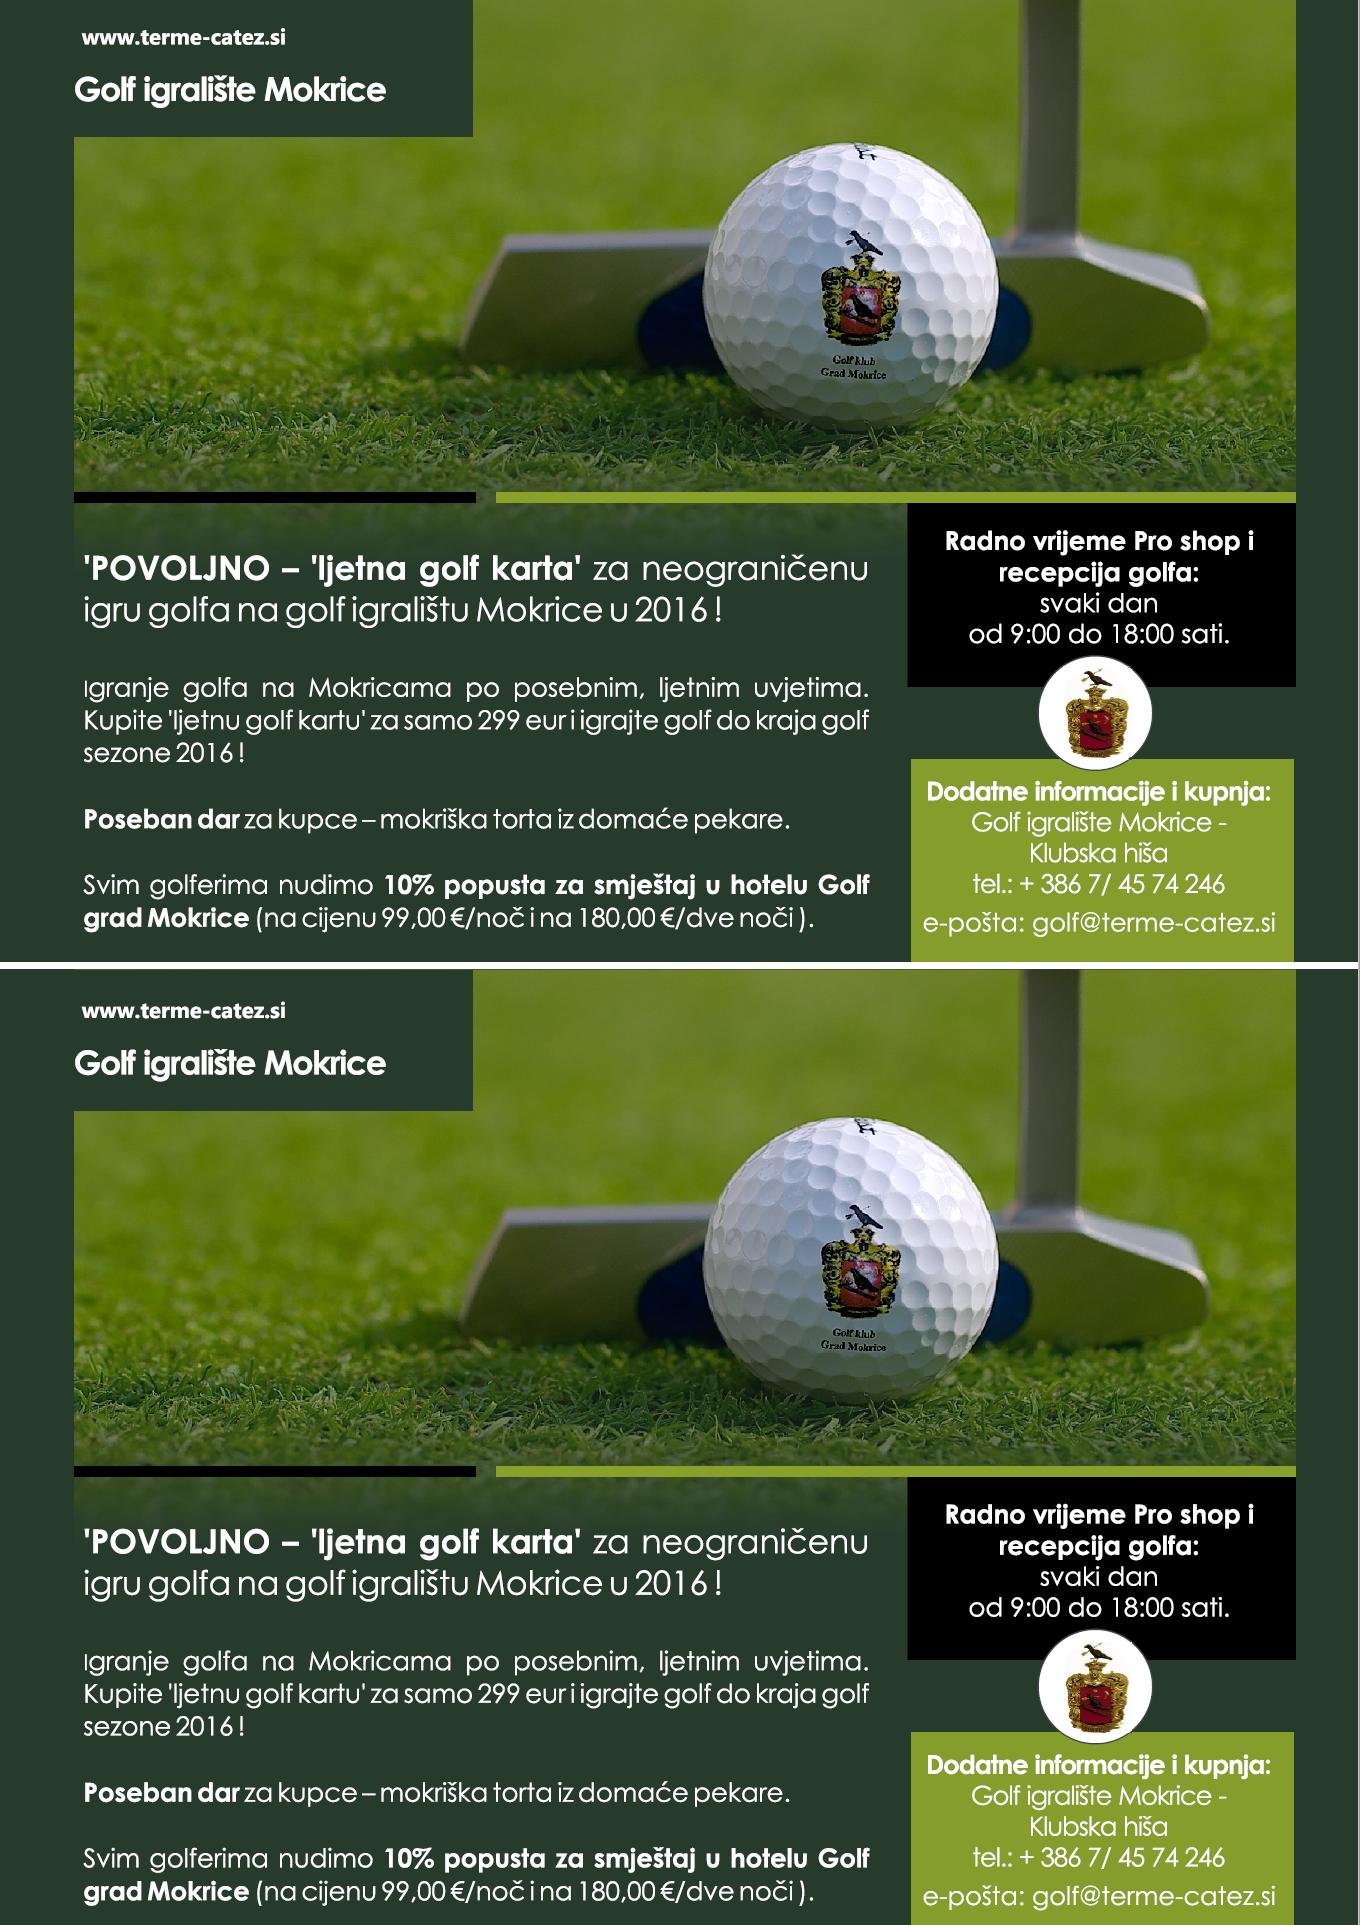 Mokrice-ljetna-golf-karta